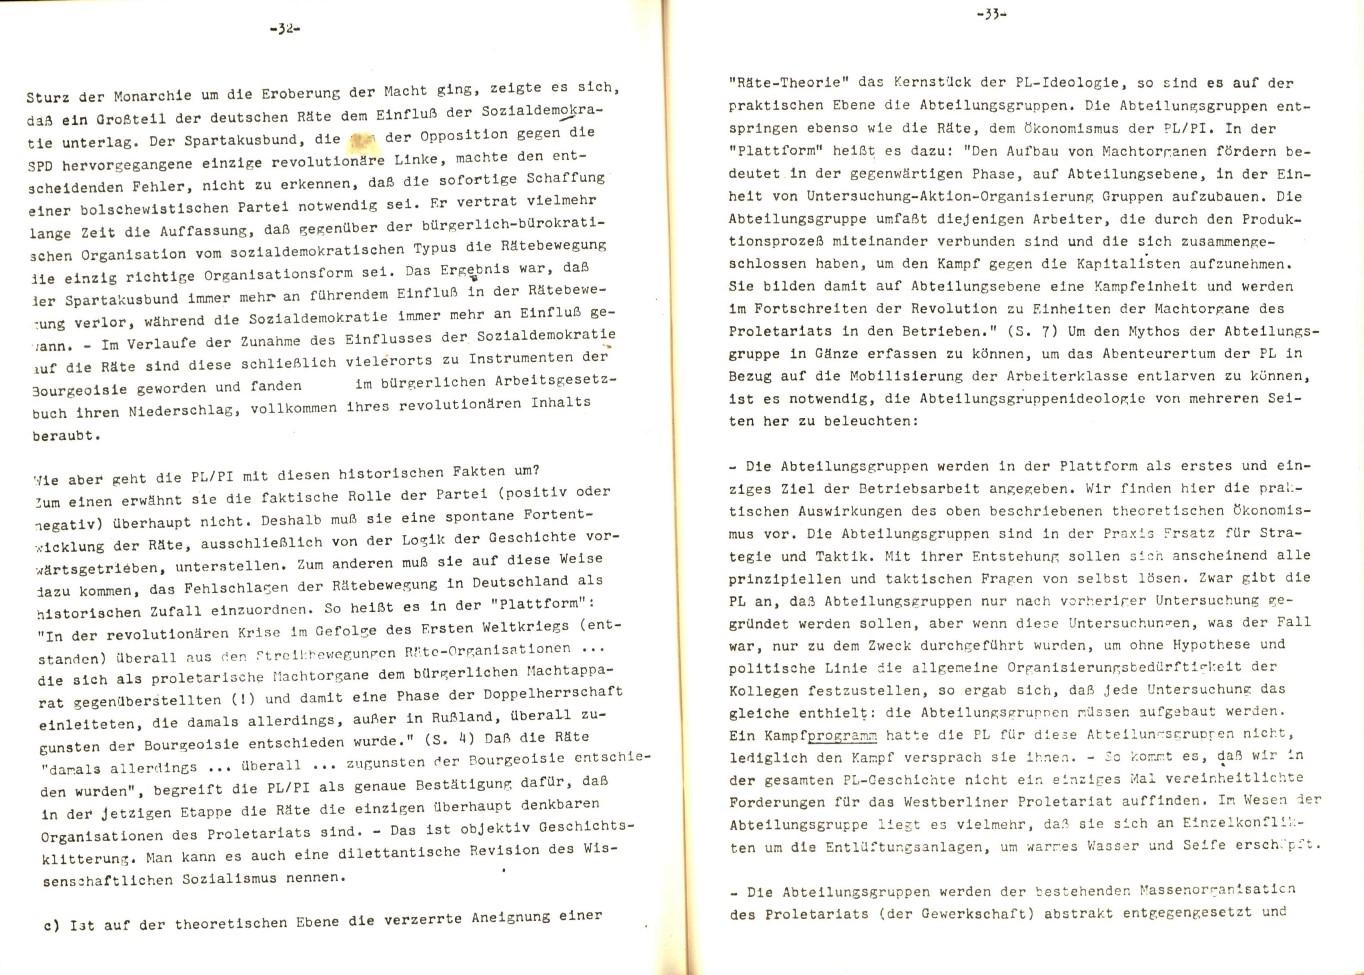 PLPI_1971_Aufloesung_19